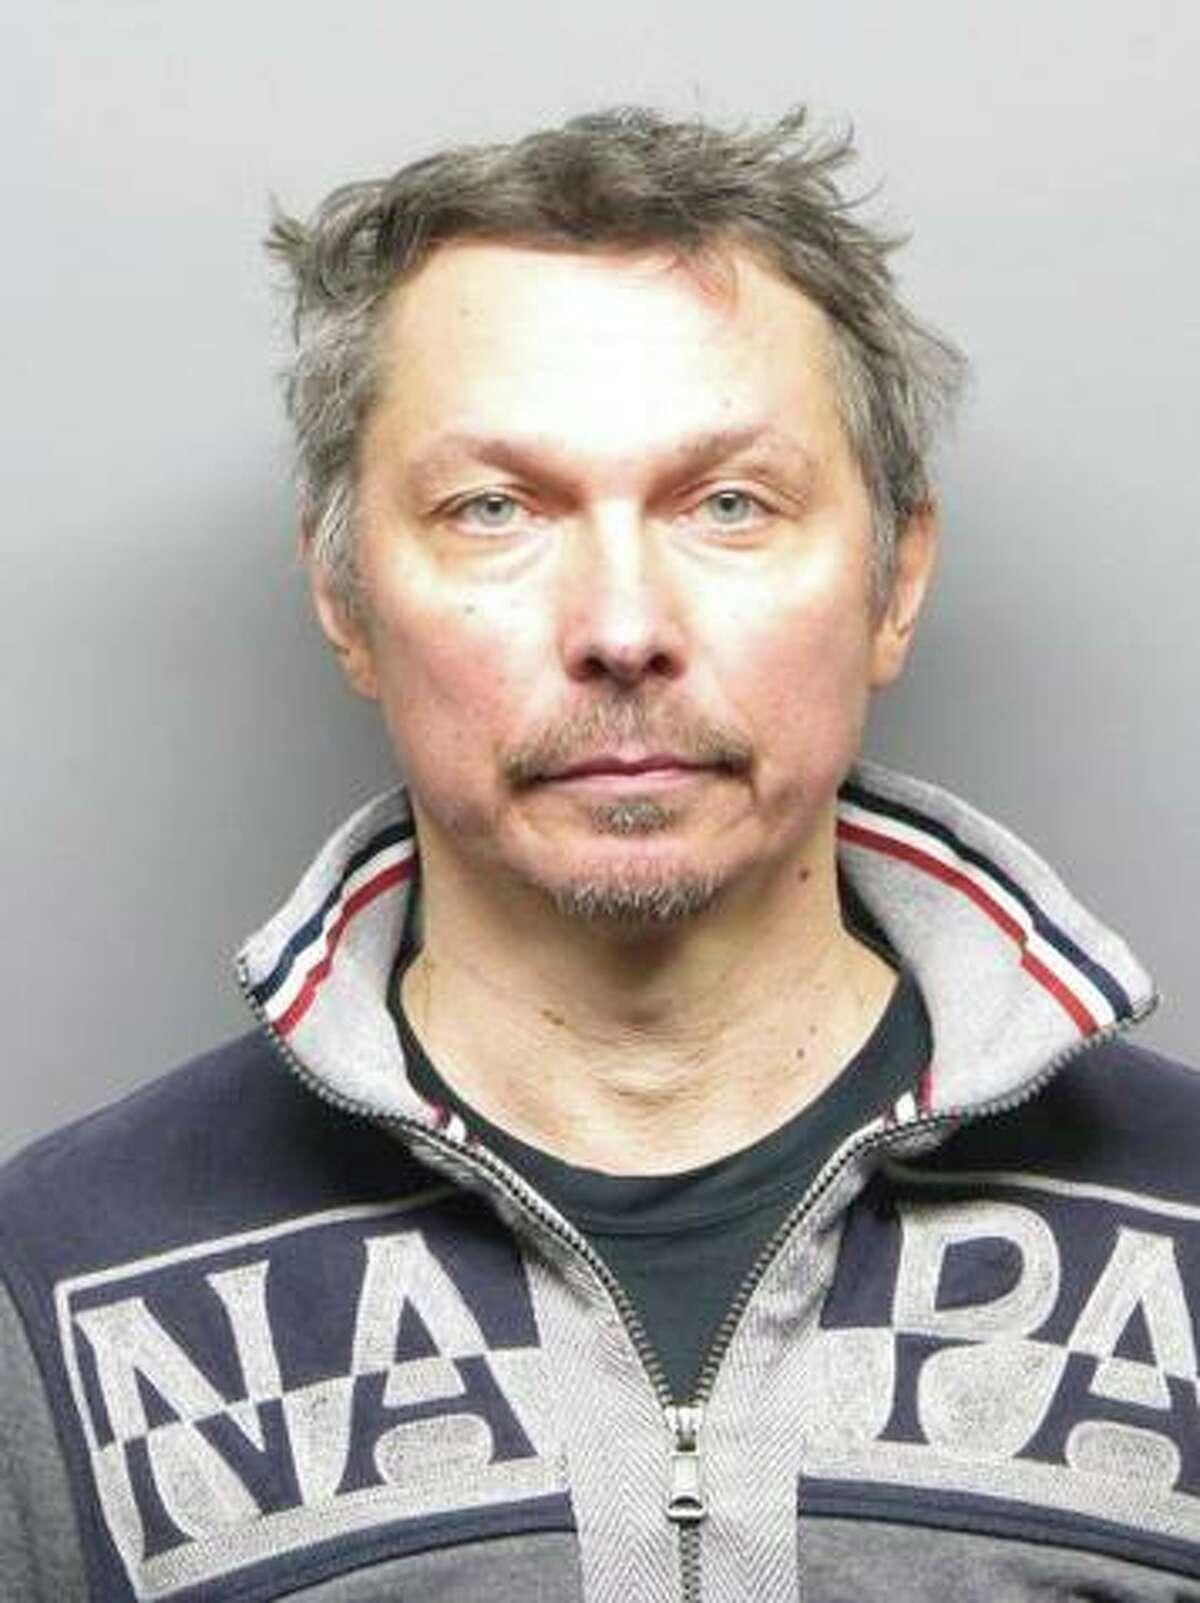 Viktor Kabaniaev, a ballet instructor, received 20 years for multiple molestations.